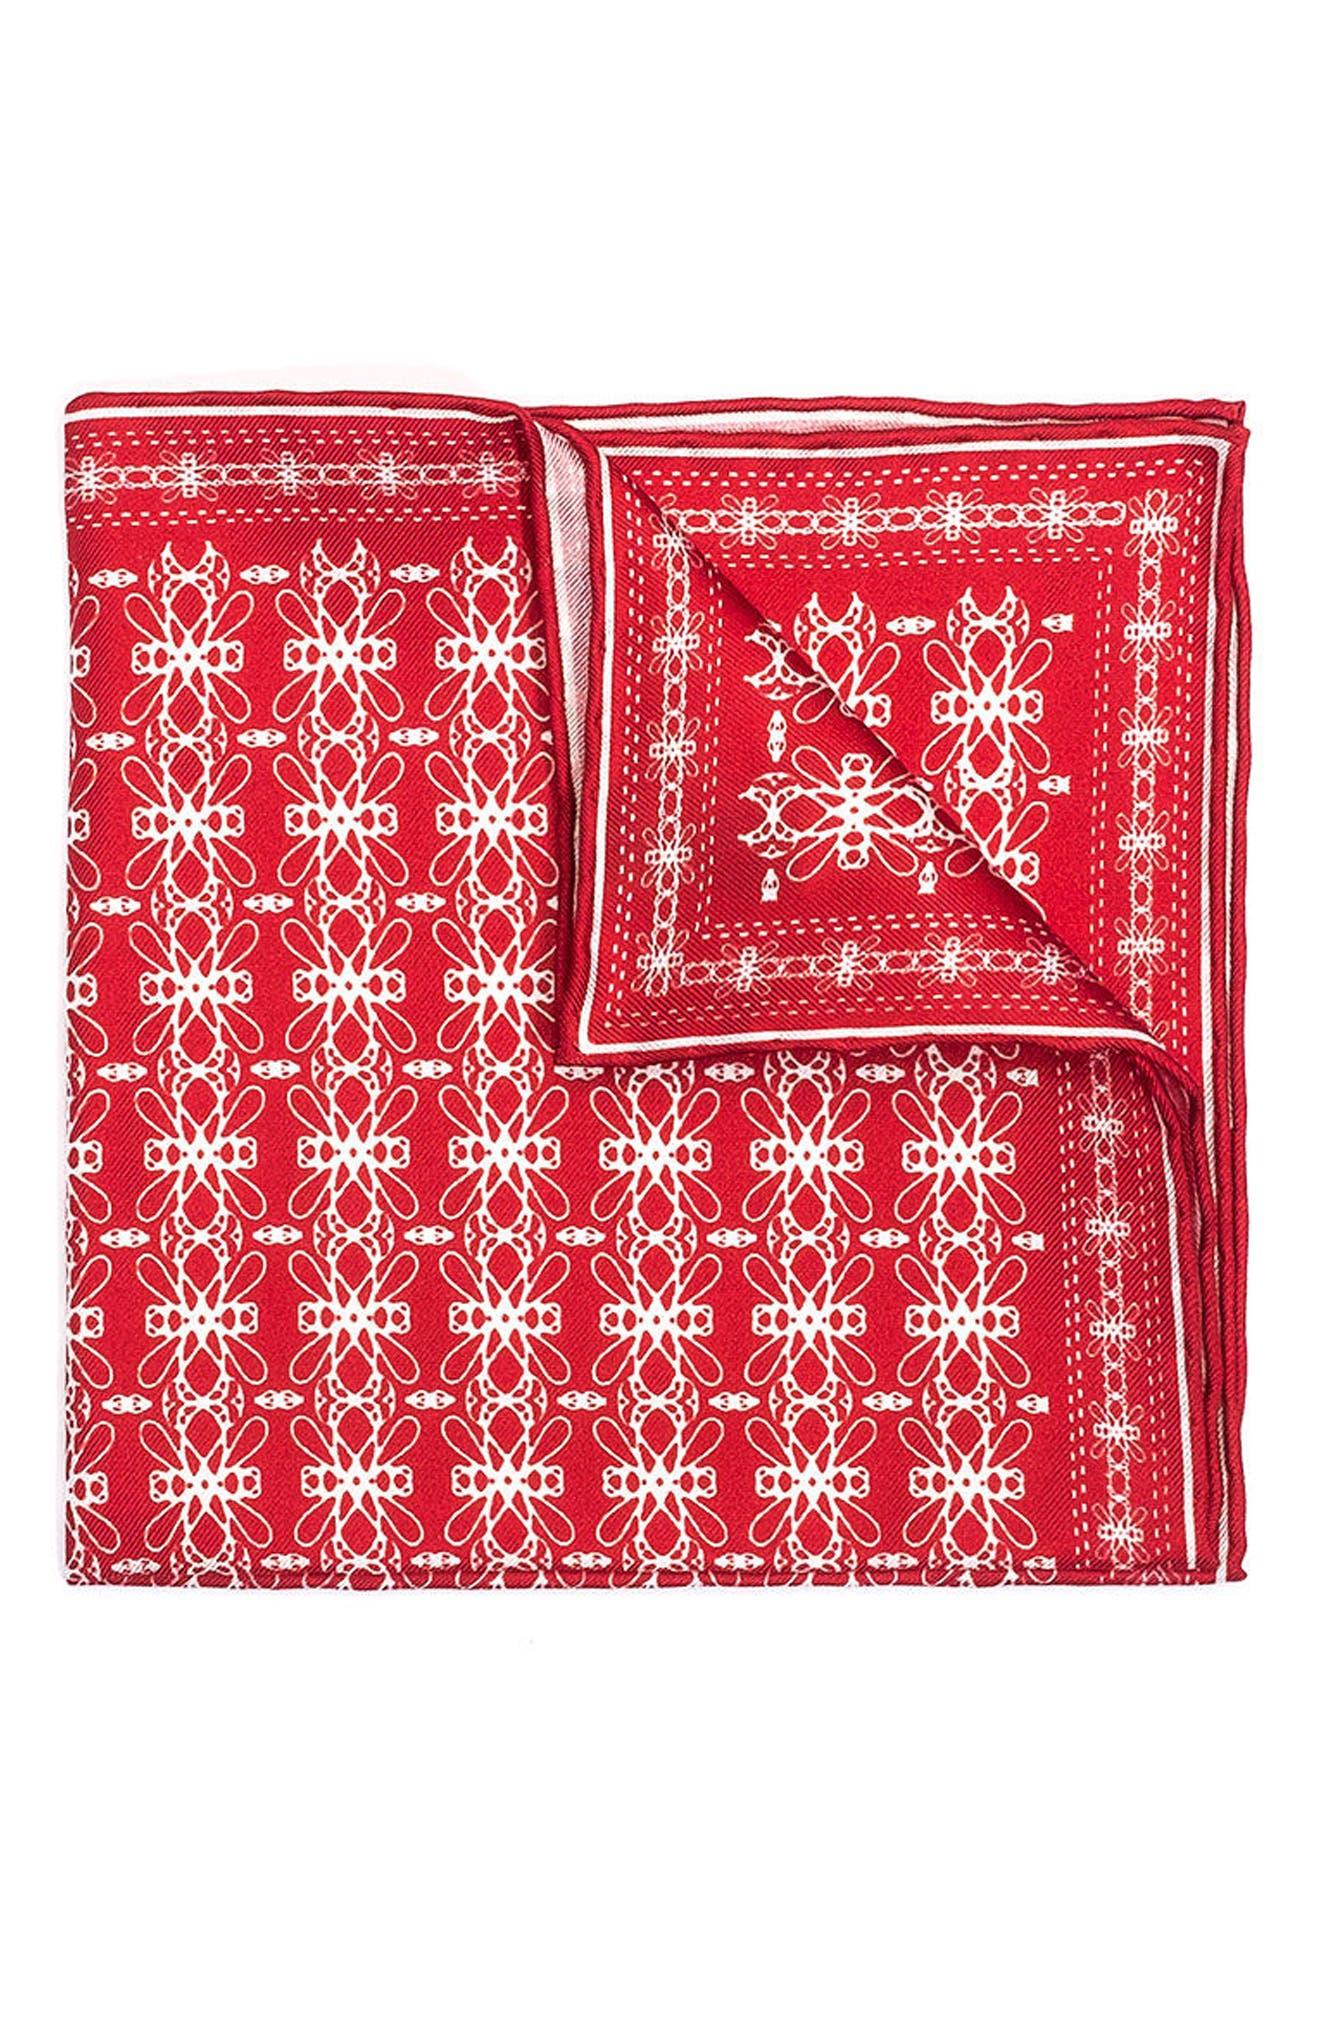 hook + ALBERT Filigreed Silk Pocket Square